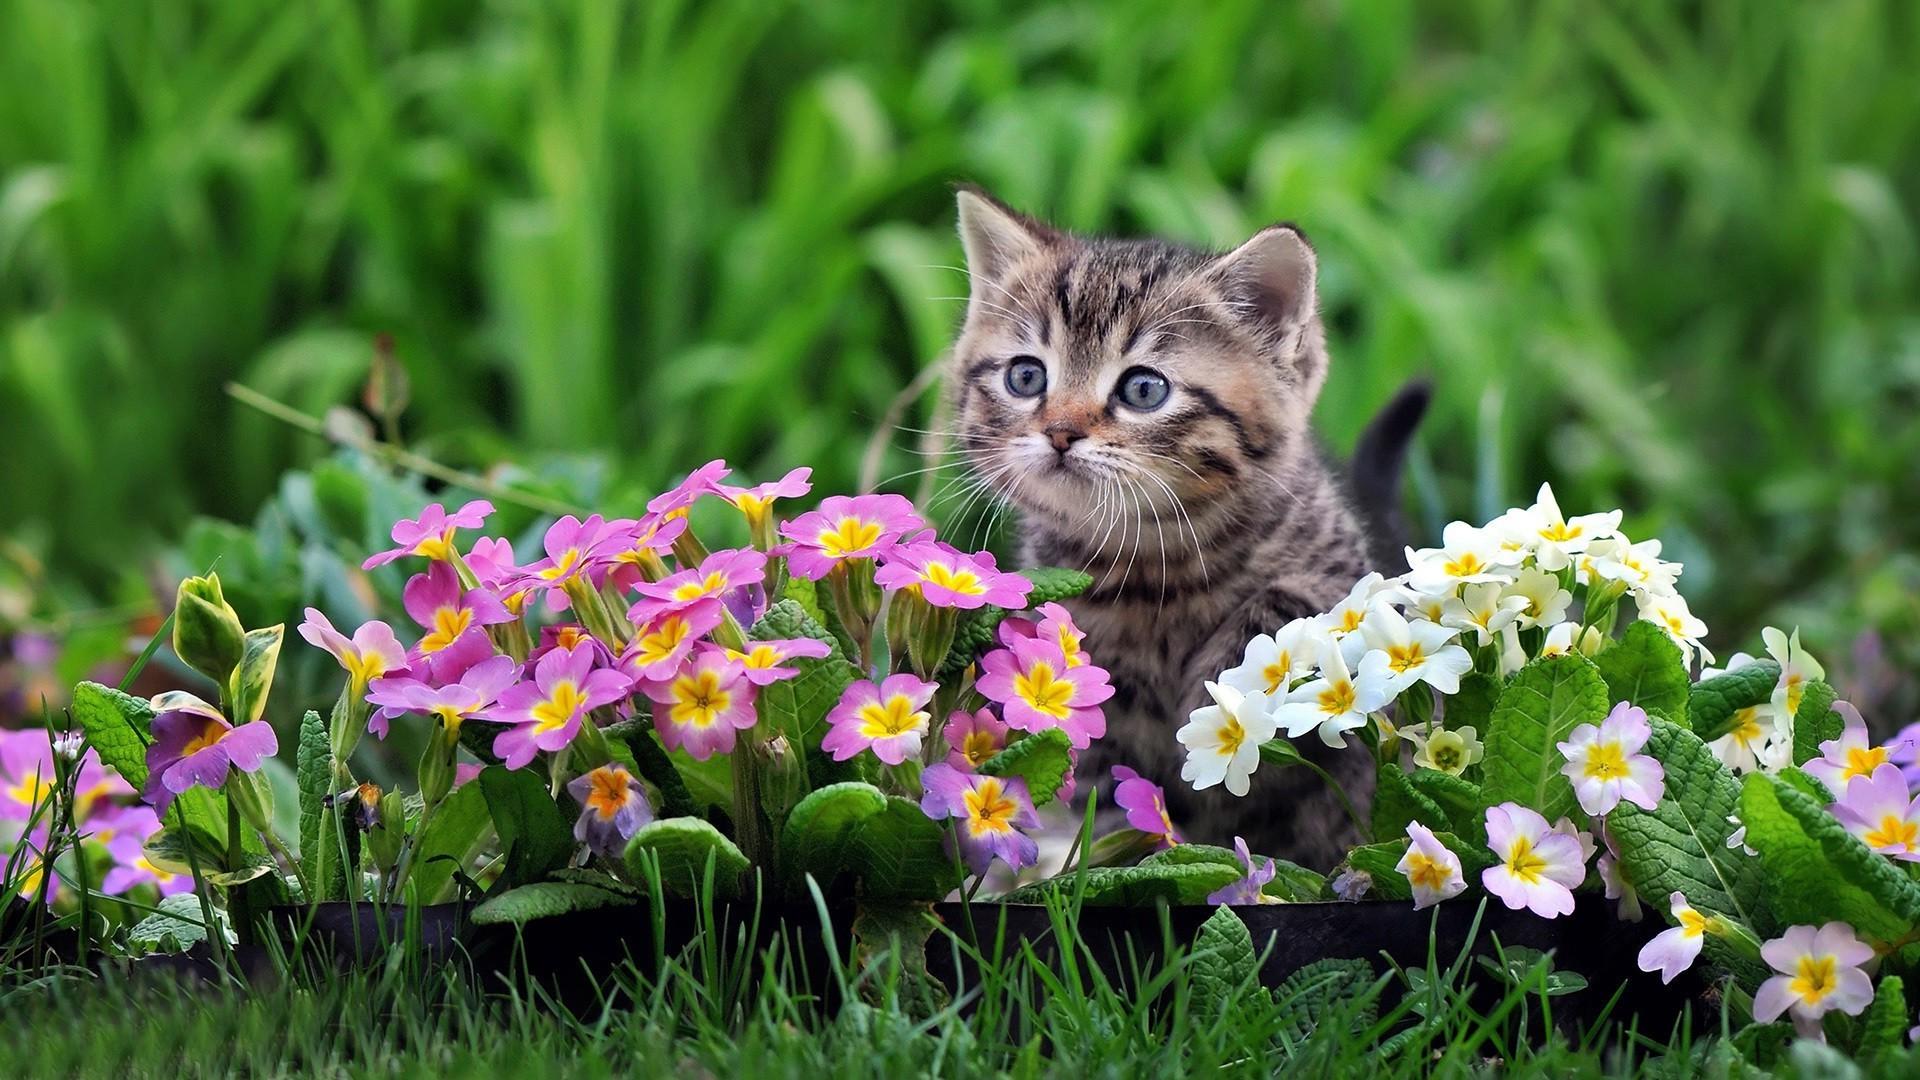 обои на рабочий стол котенок в цветах так хочется увезти